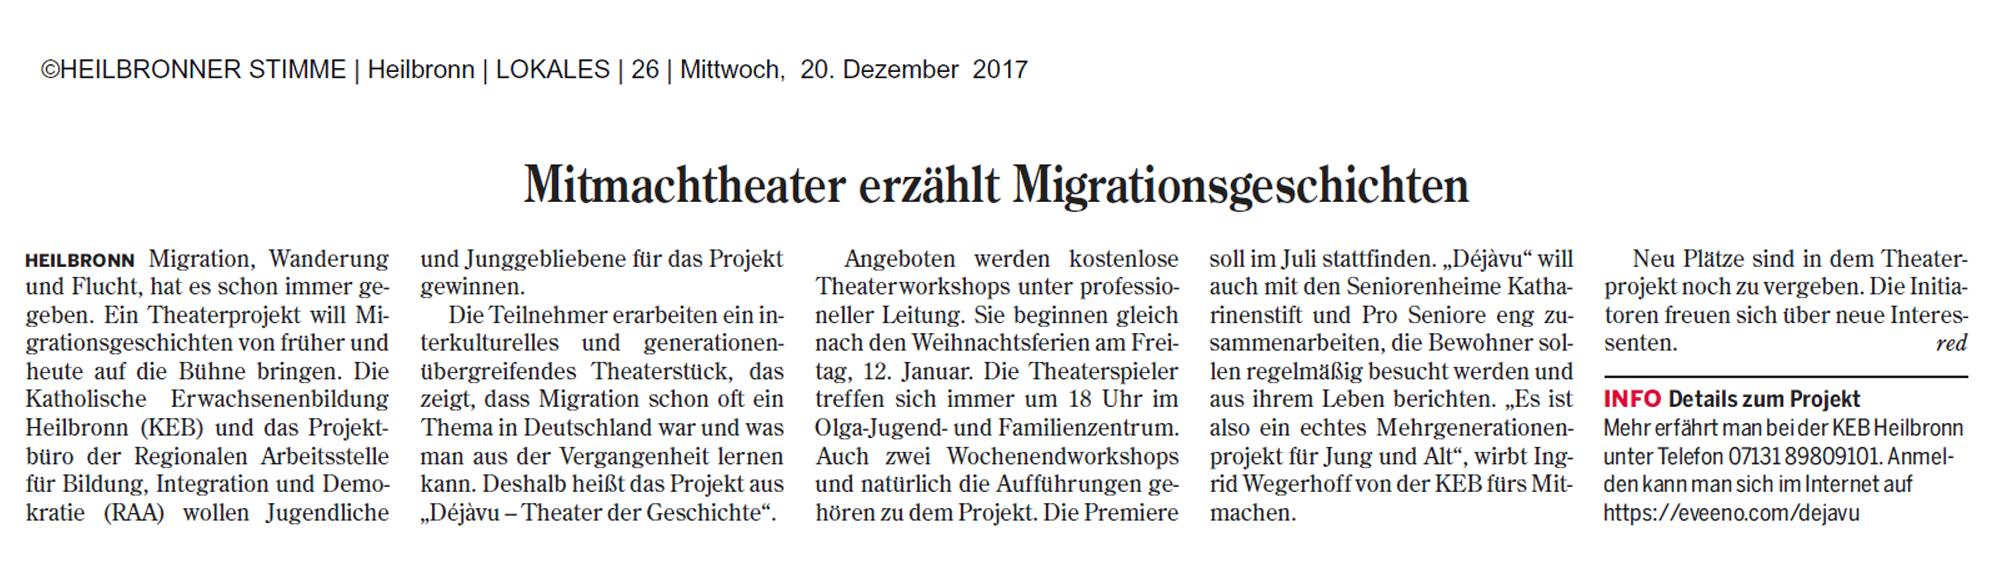 Mitmachtheater erzählt Migrationsgeschichten